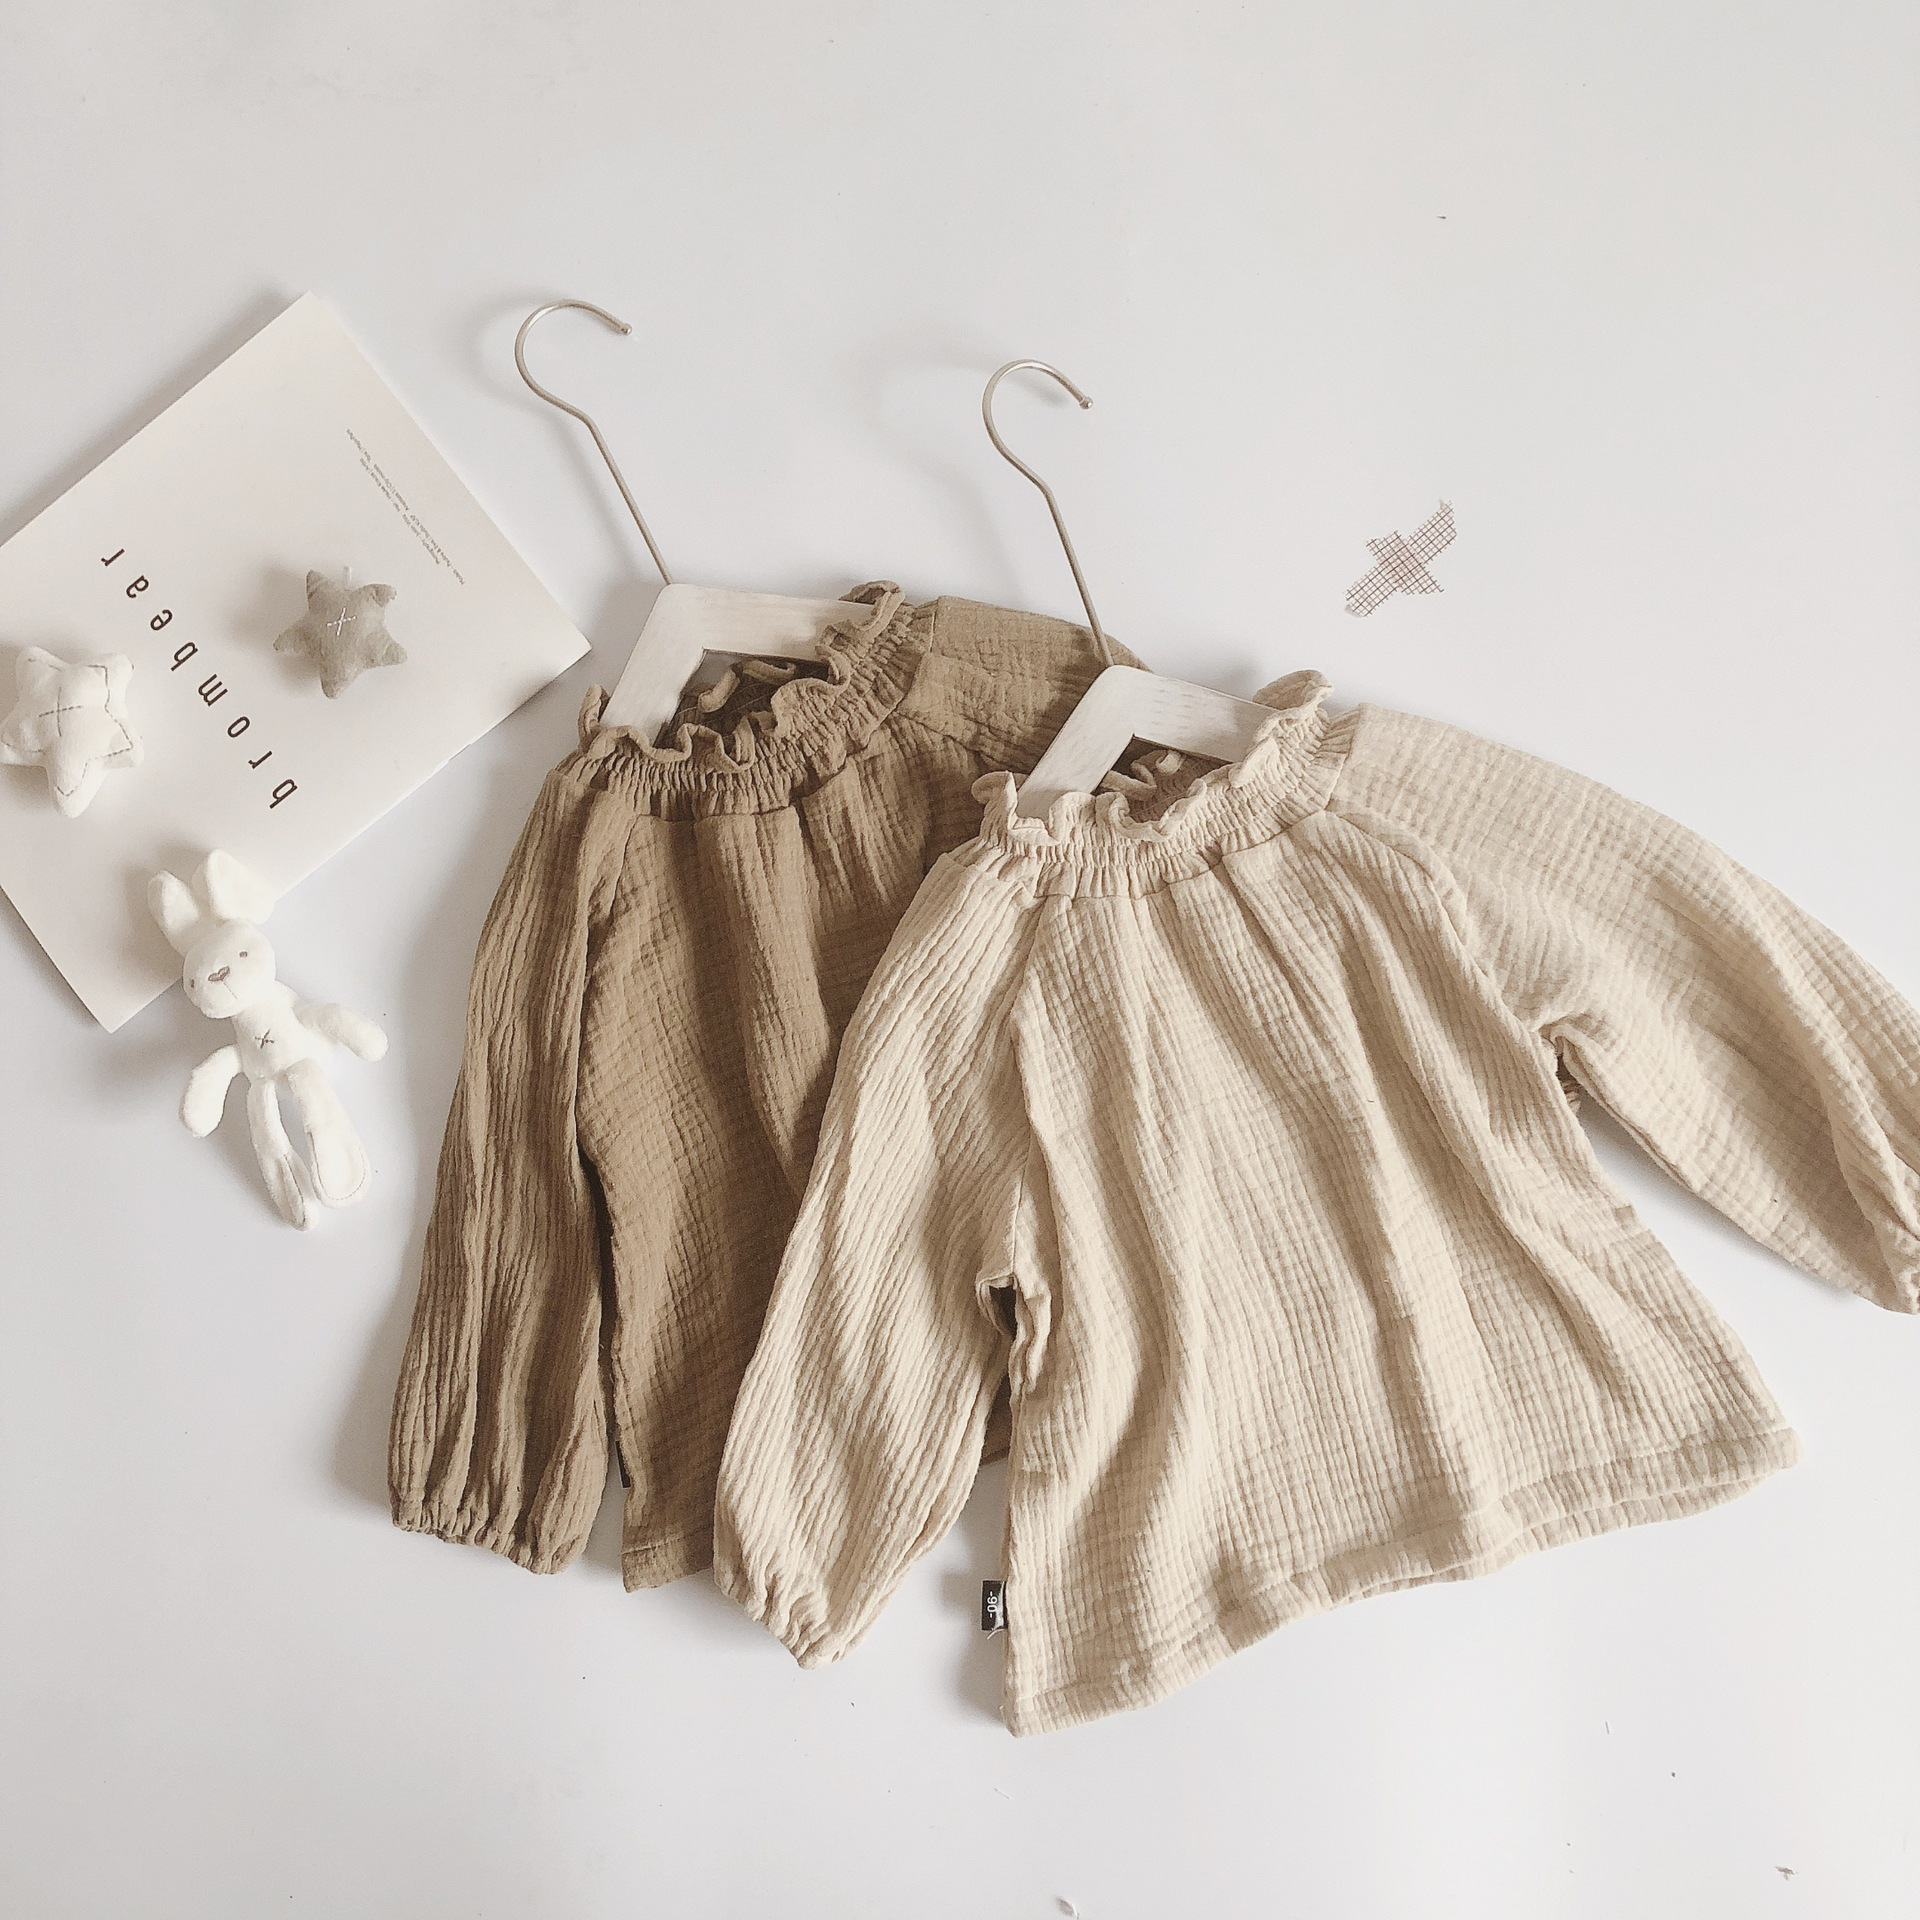 Phong cách Hàn Quốc Mùa xuân 2019 quần áo trẻ em trẻ em mới phiên bản Hàn Quốc của cổ áo cao nhỏ ren